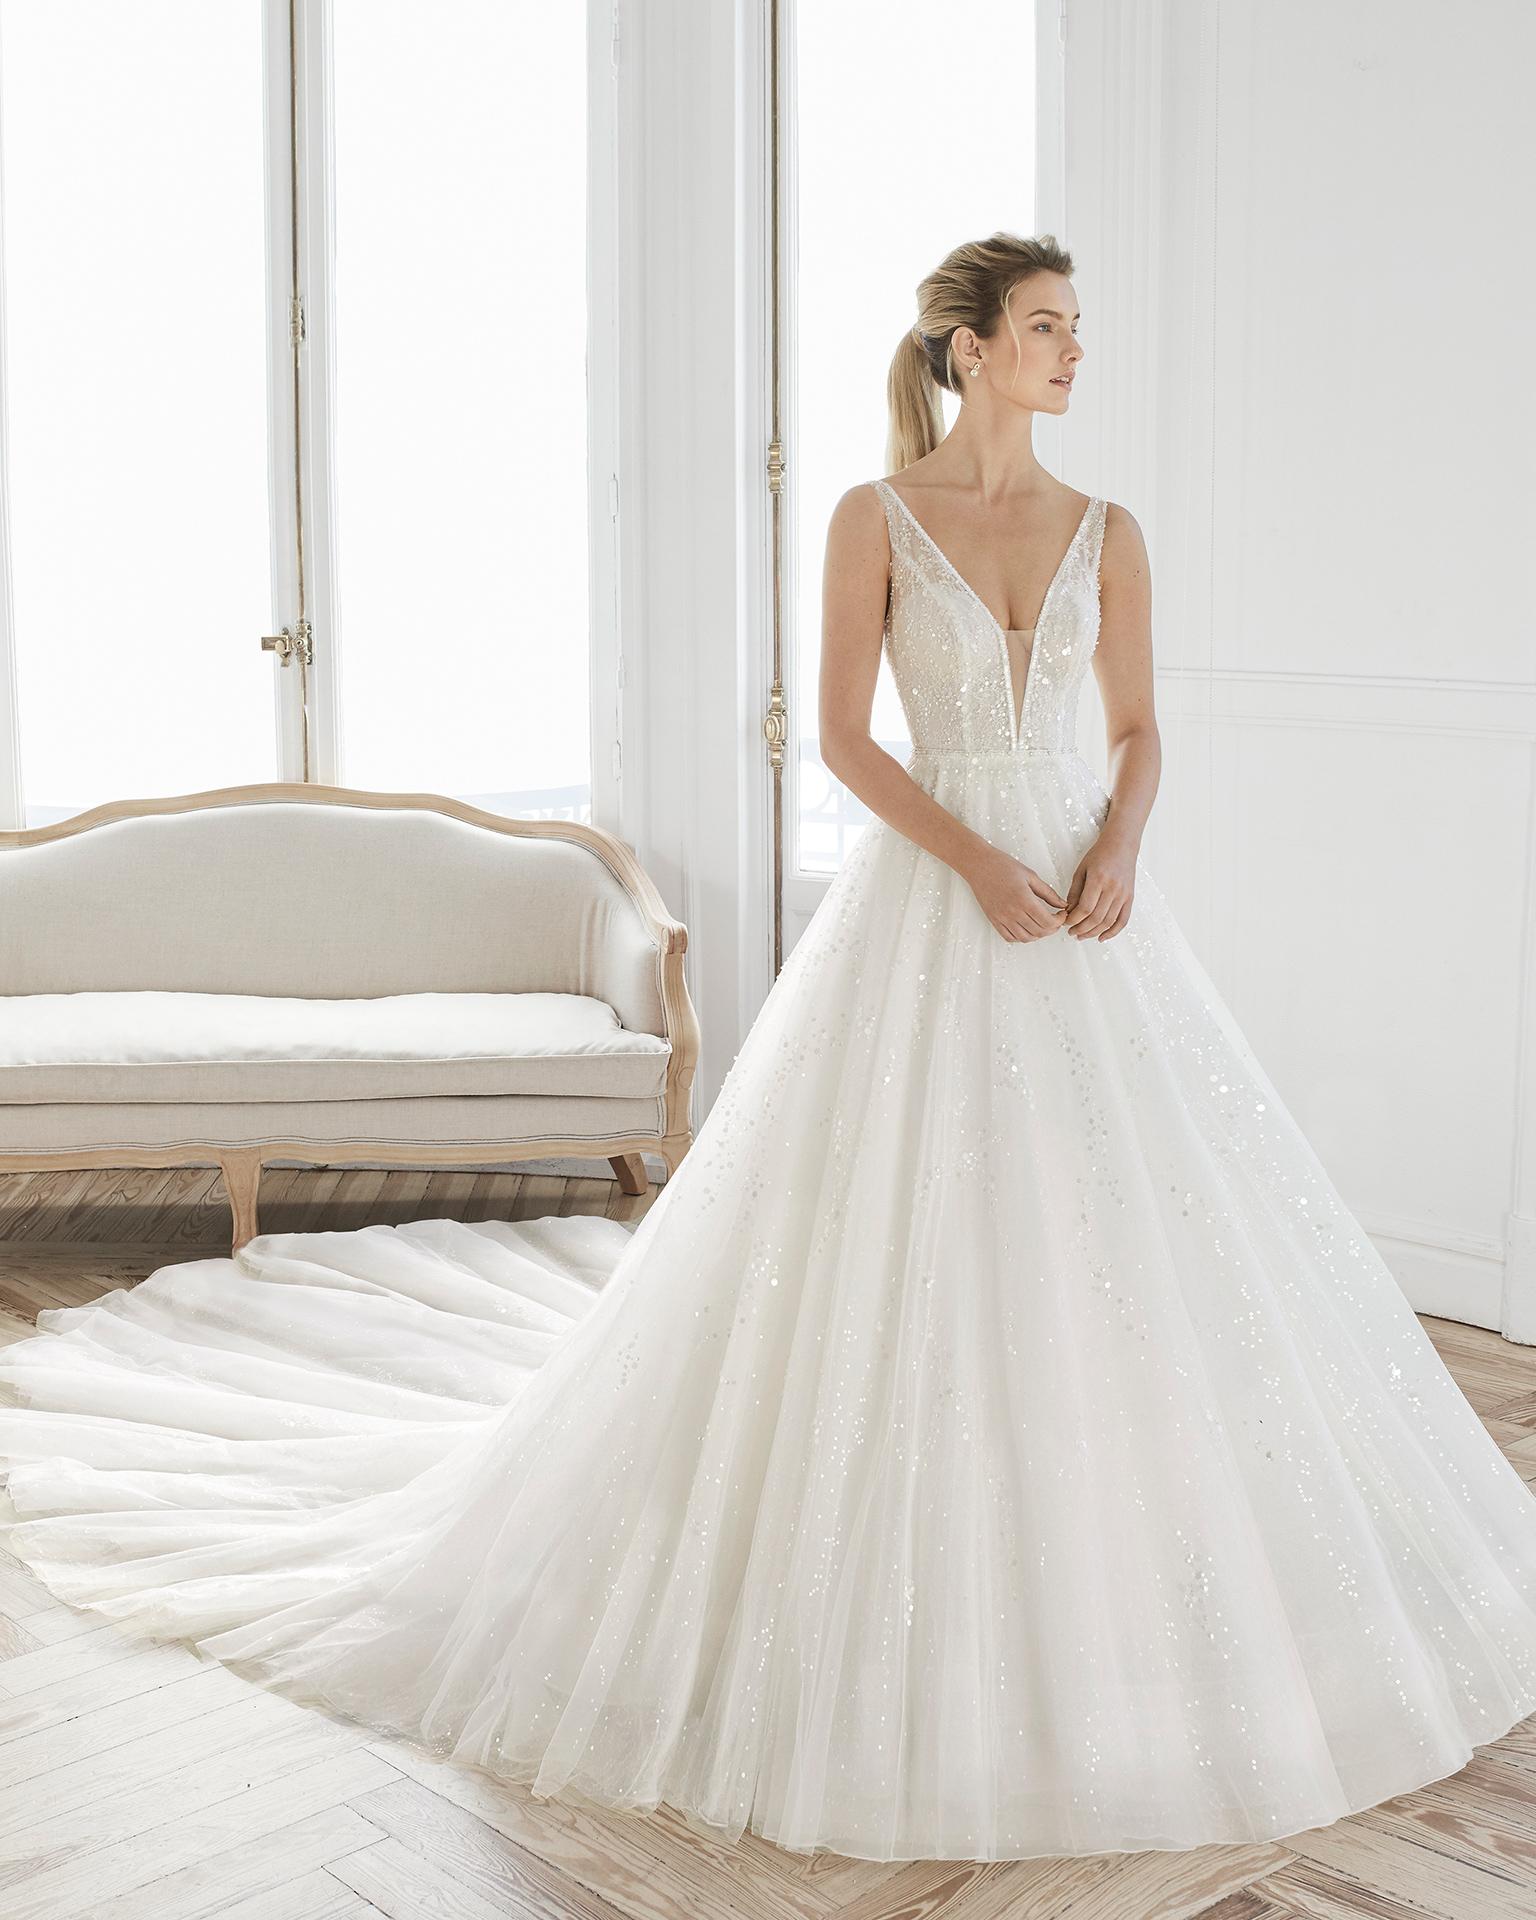 Vestido de novia estilo princesa de encaje pedrería y tul. Escote Deep-plunge y espalda en V. Disponible en color natural. Colección AIRE BARCELONA 2019.